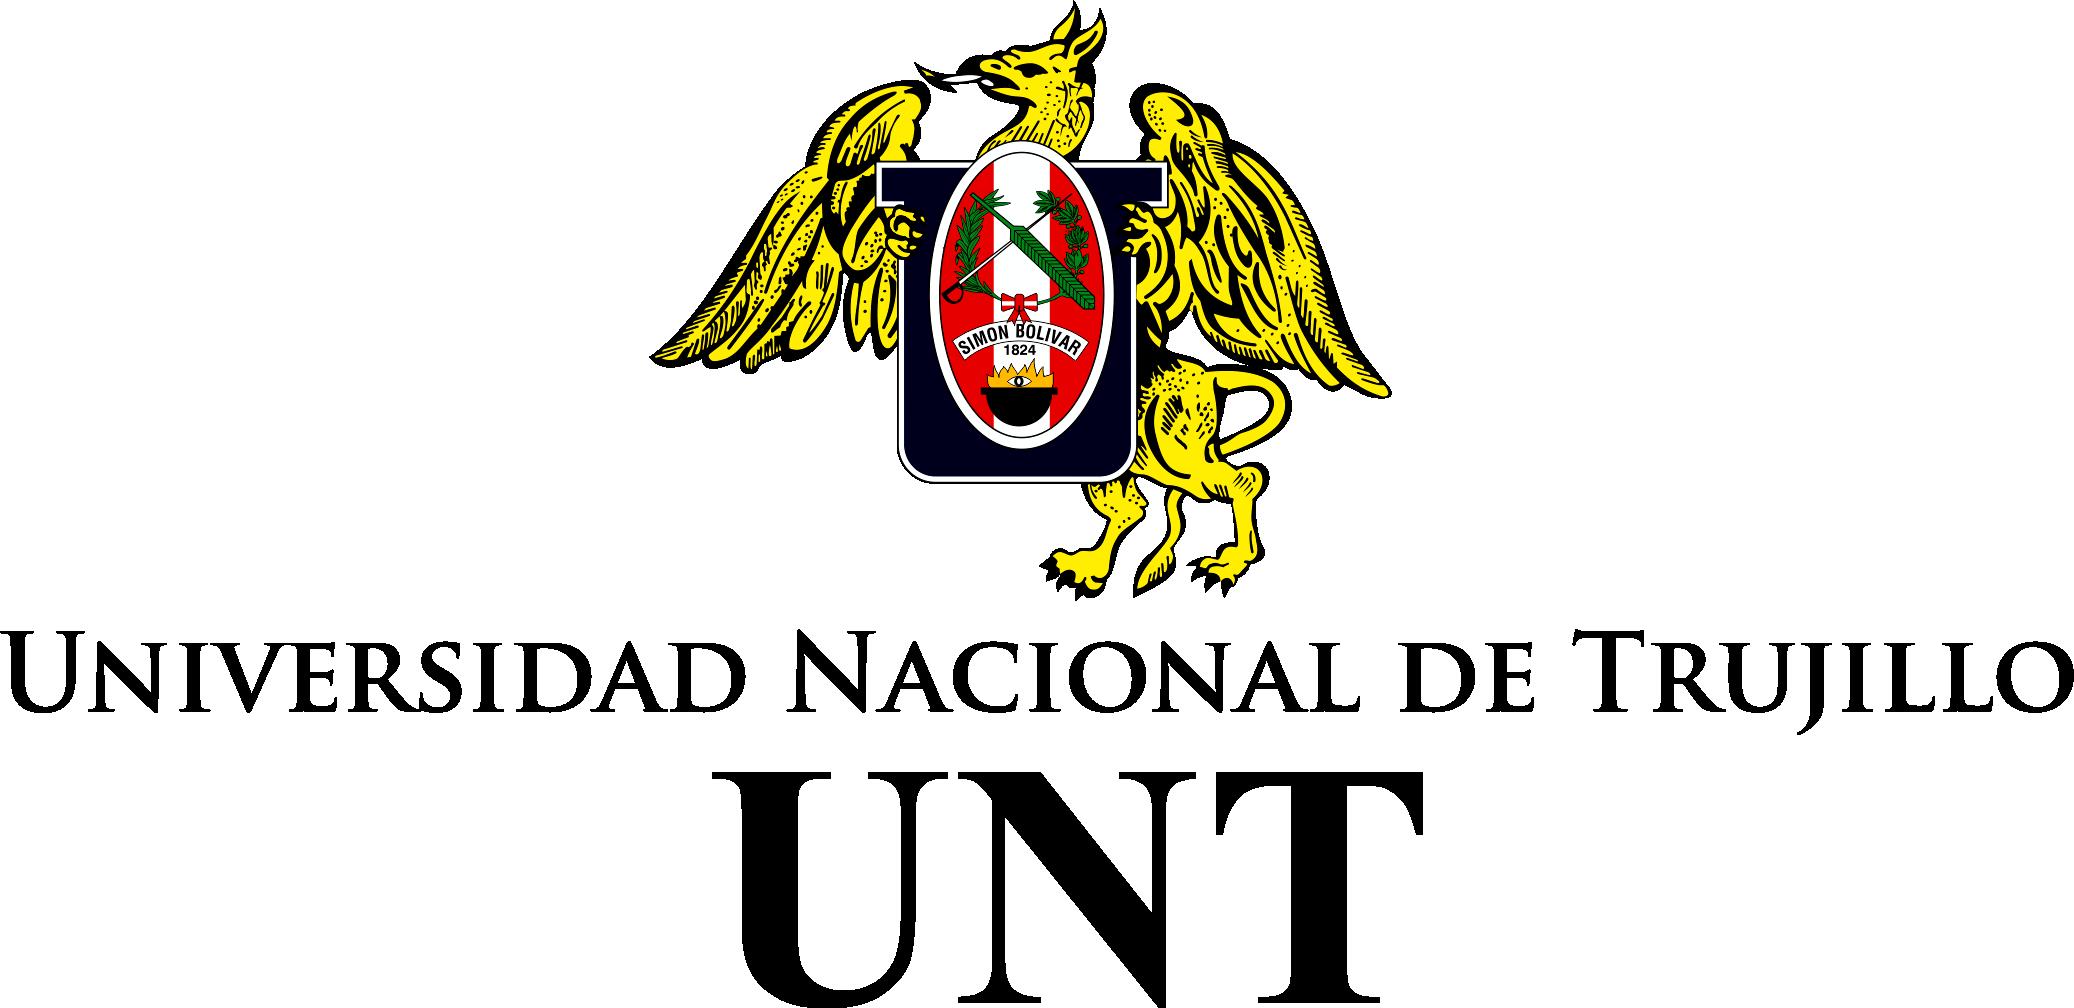 UNT - Universidad Nacional de Trujillo